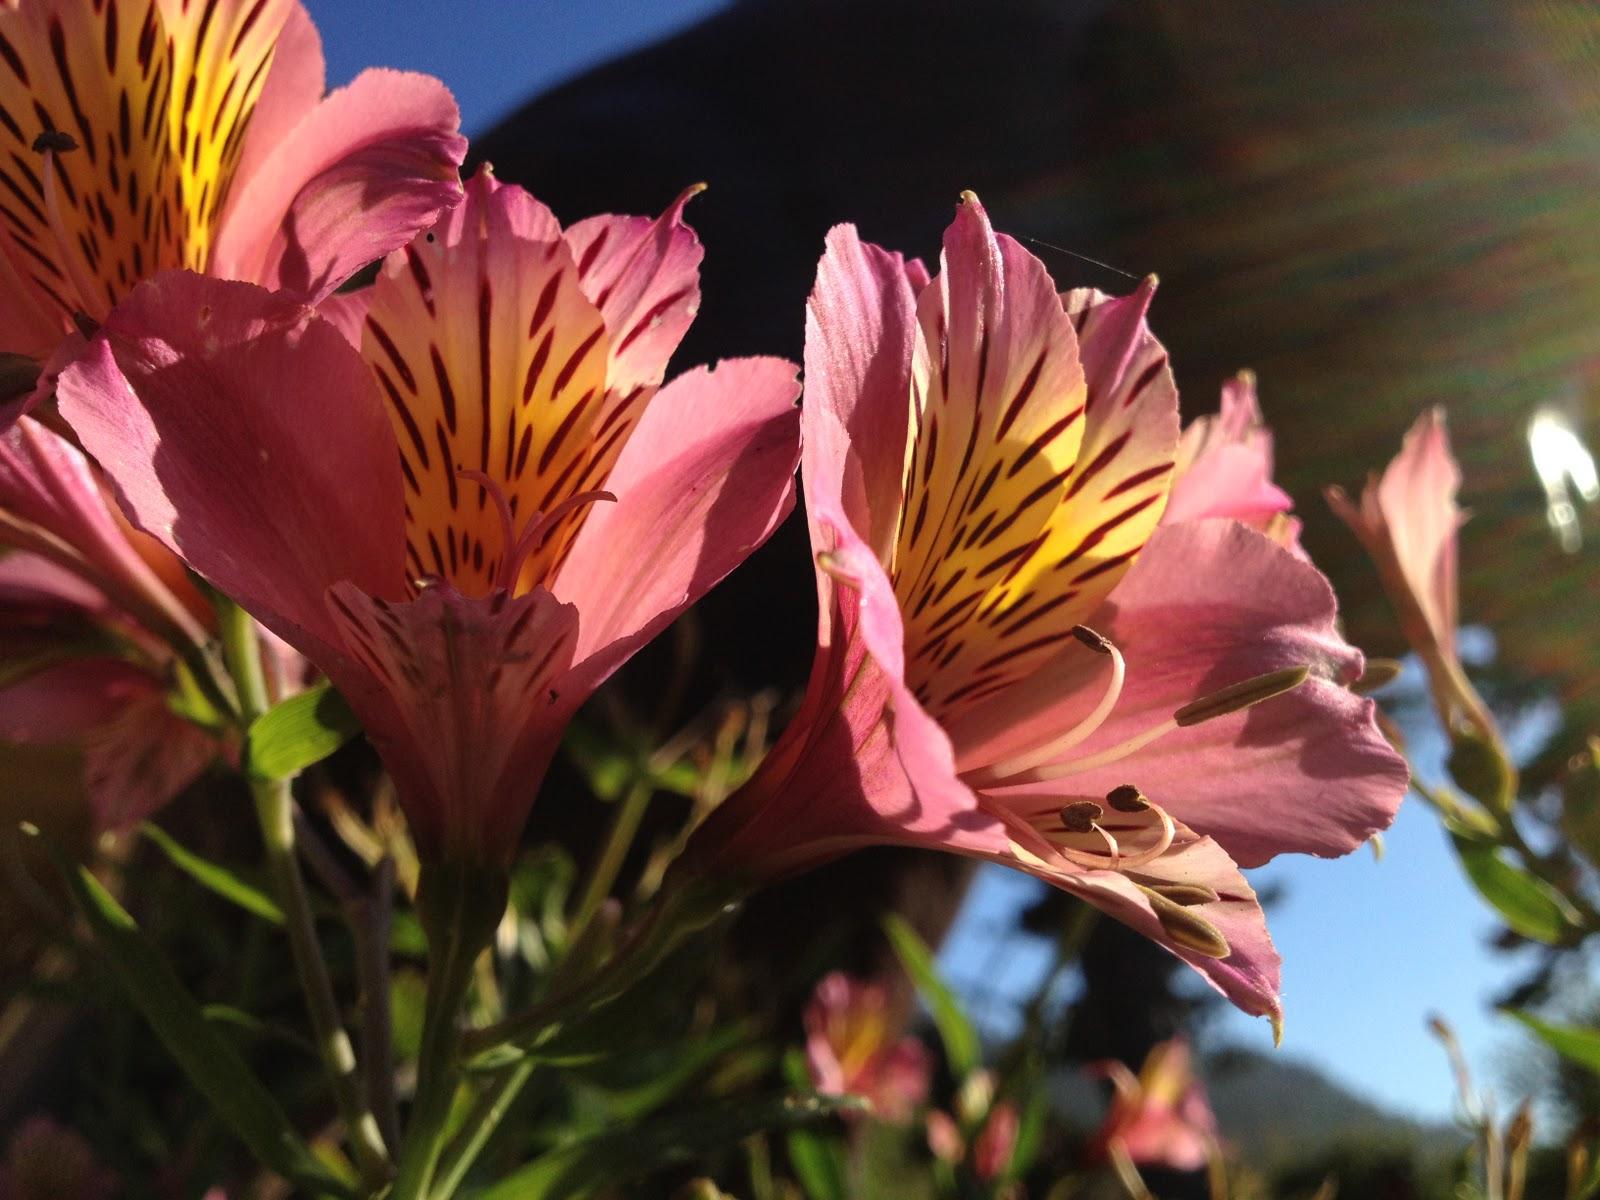 http://4.bp.blogspot.com/-w6w_TA9vPcU/TpBcNCeQsmI/AAAAAAAABGs/XrDwGPQS-YQ/s1600/iphone-4S-camera+photo_1.jpg